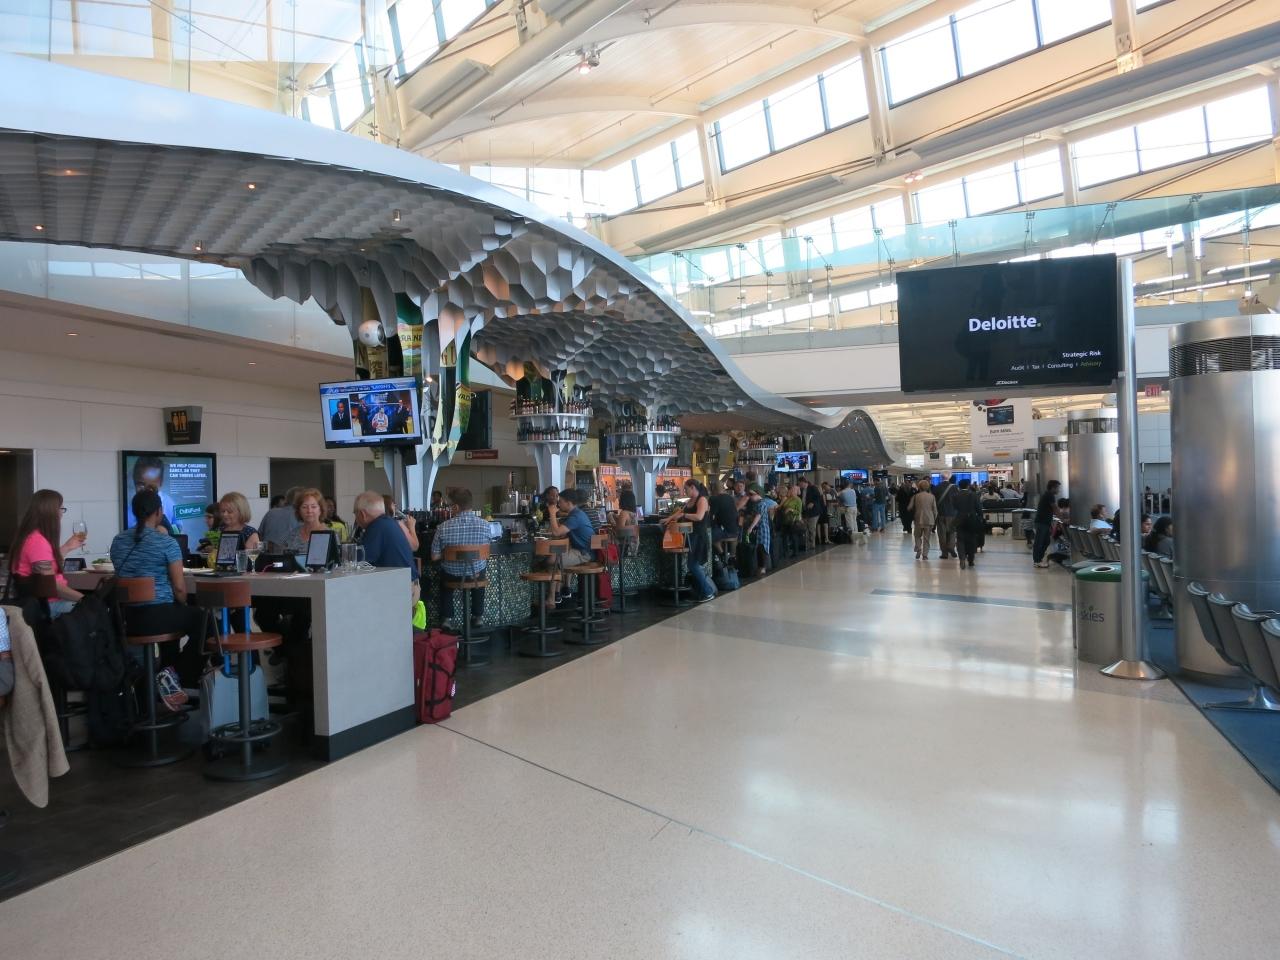 ニューアーク・リバティー国際空港(EWR - Newark Liberty International Airport)